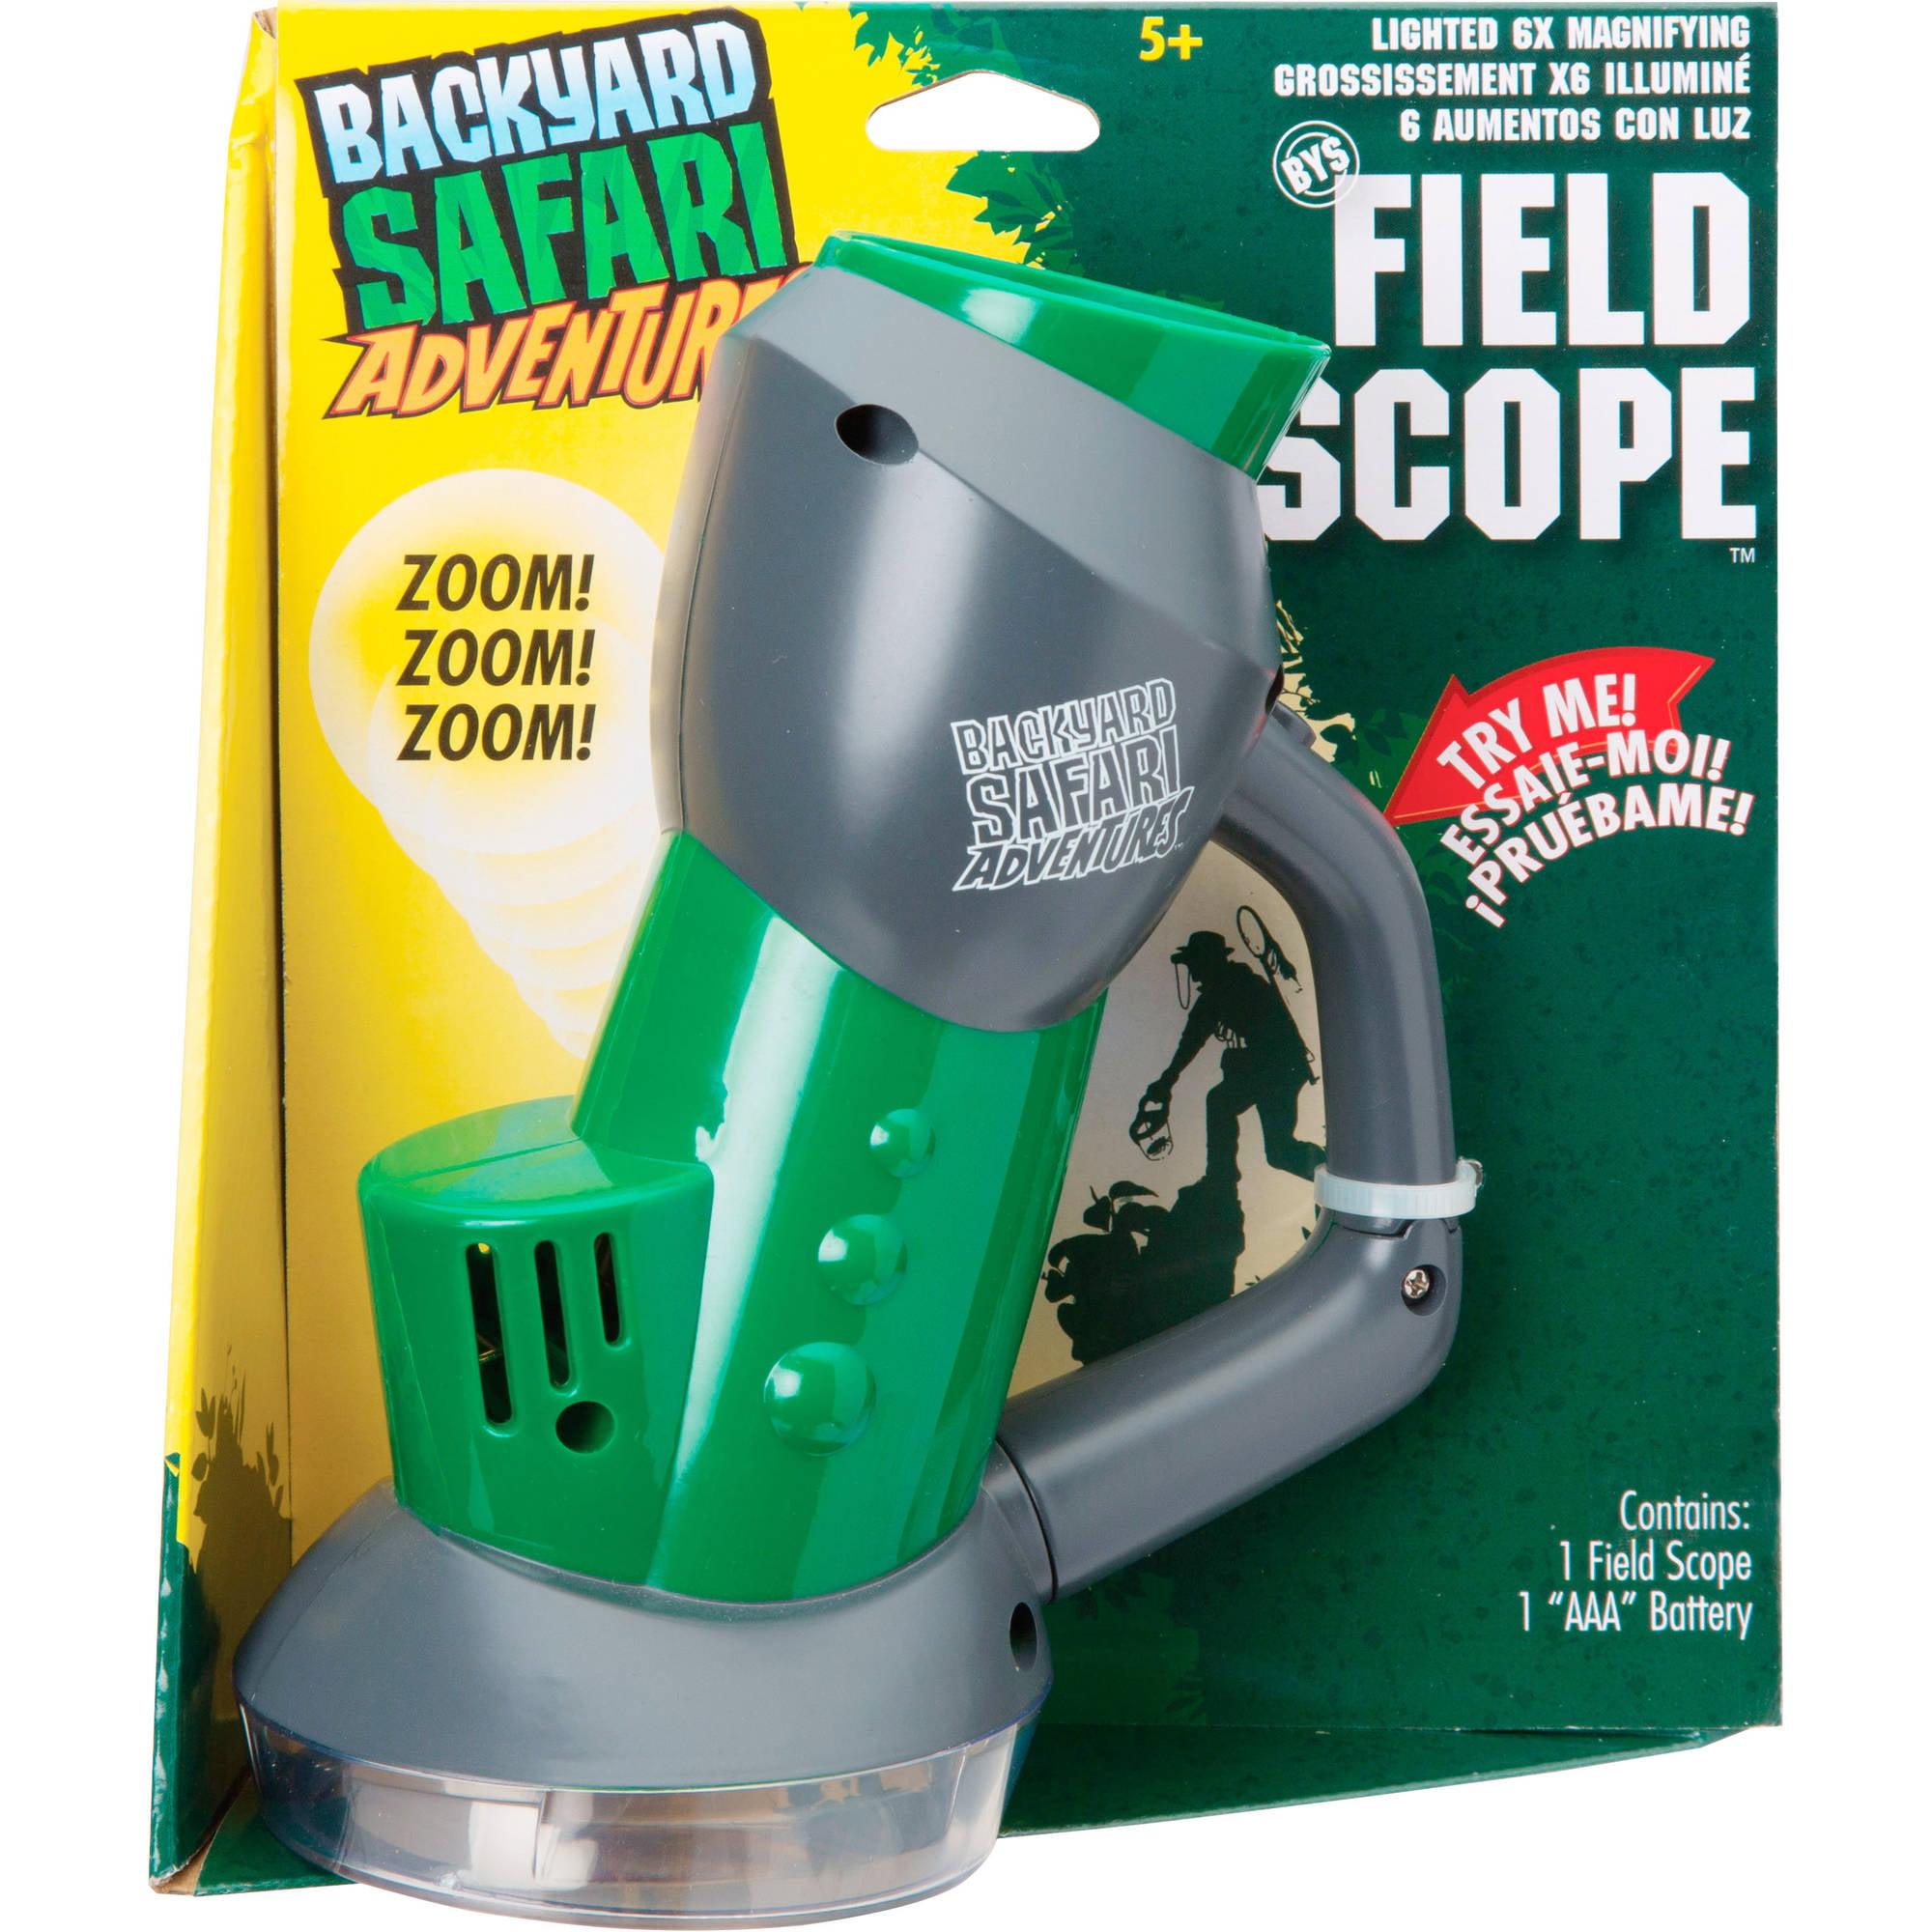 Backyard Safari Toys backyard safari field scope - walmart